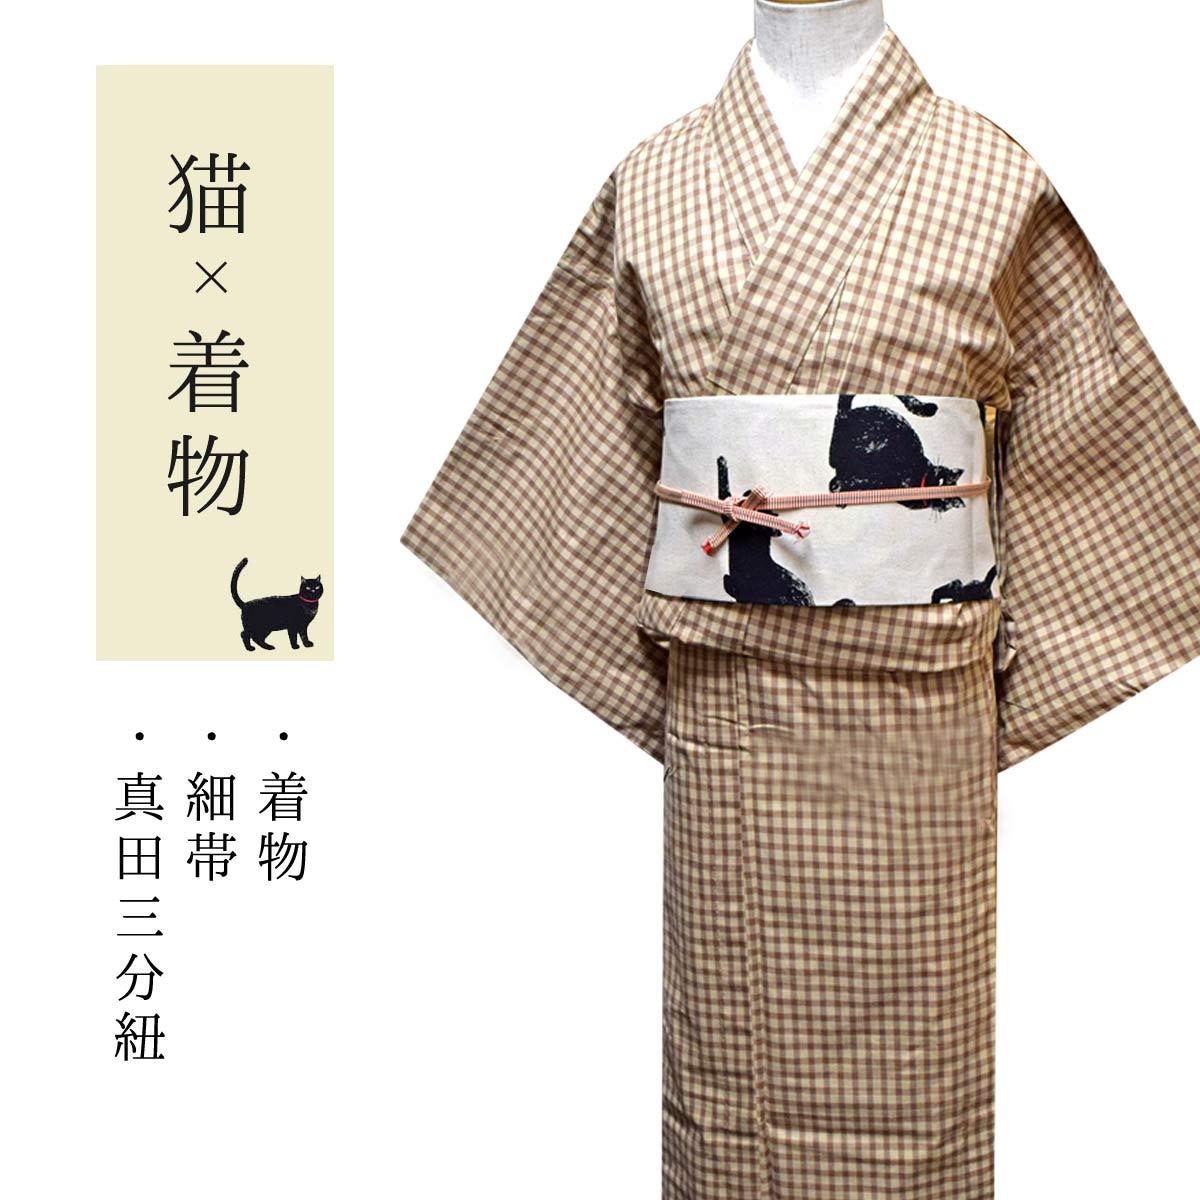 送料無料 着物セット 注文後の変更キャンセル返品 あす楽 猫 洗える着物 綿 単衣 3点 セット 細帯 真田三分紐 店 Mサイズ きもの 洗える ねこ 小紋 普段着 着物 Lサイズ お洒落 番号cpc-1 kimono ベージュ